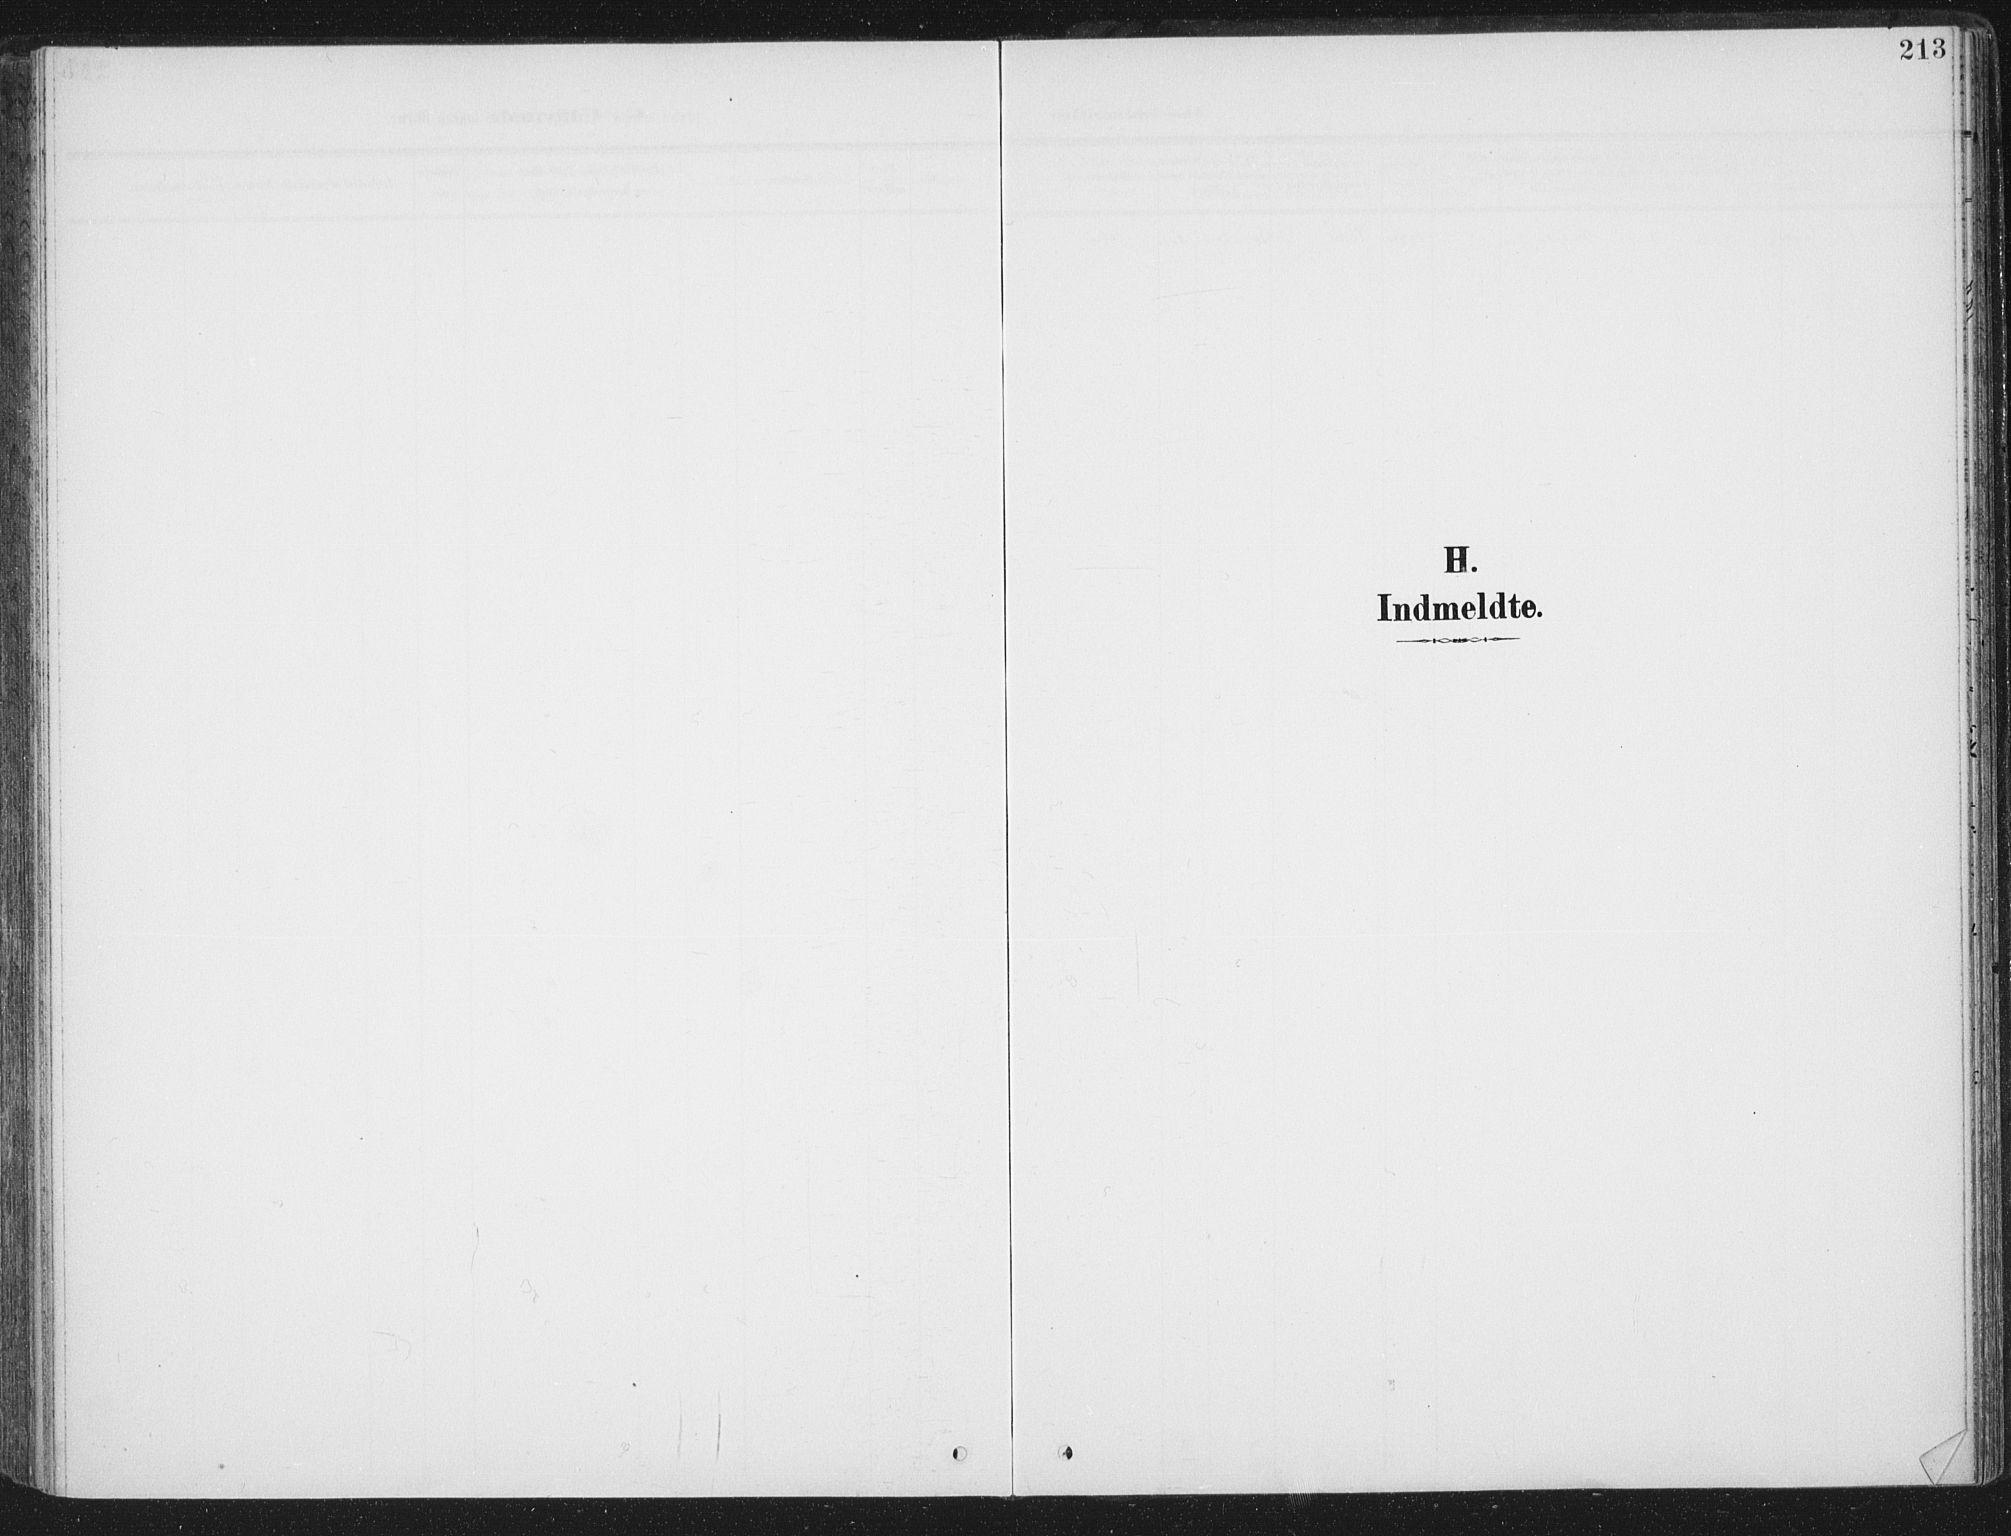 SAT, Ministerialprotokoller, klokkerbøker og fødselsregistre - Sør-Trøndelag, 657/L0709: Ministerialbok nr. 657A10, 1905-1919, s. 213